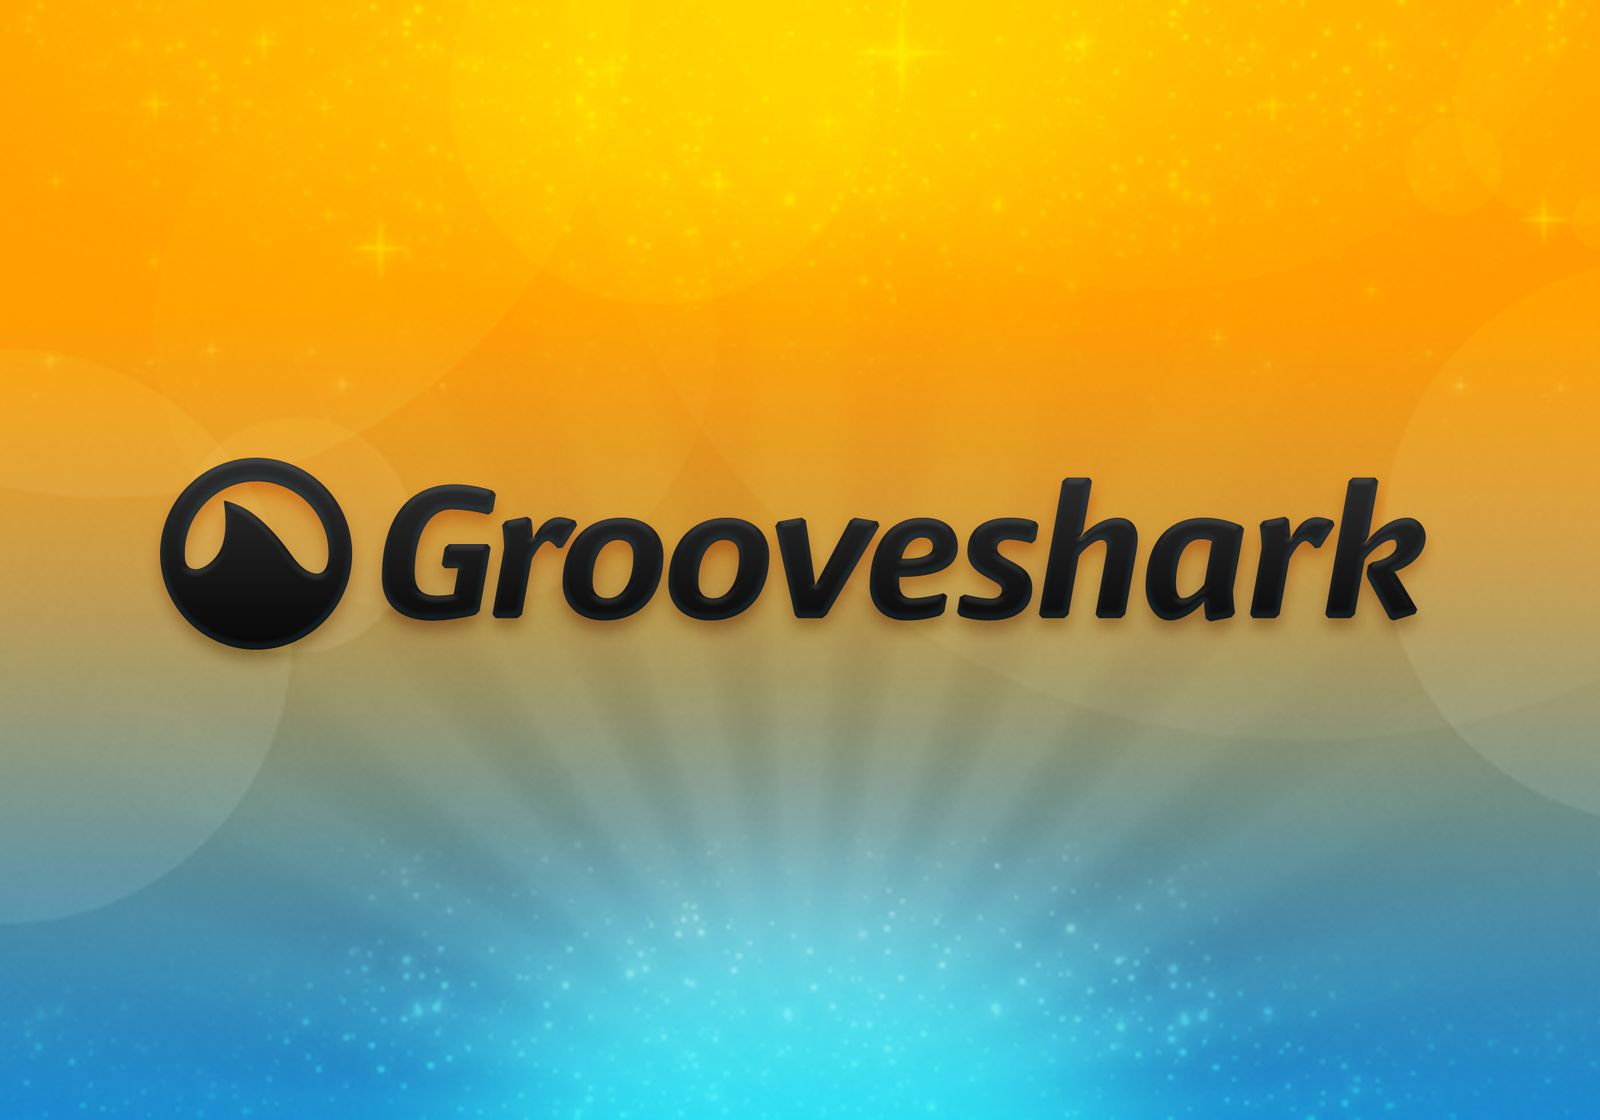 LOGO Grooveshark / Streaming Dienst